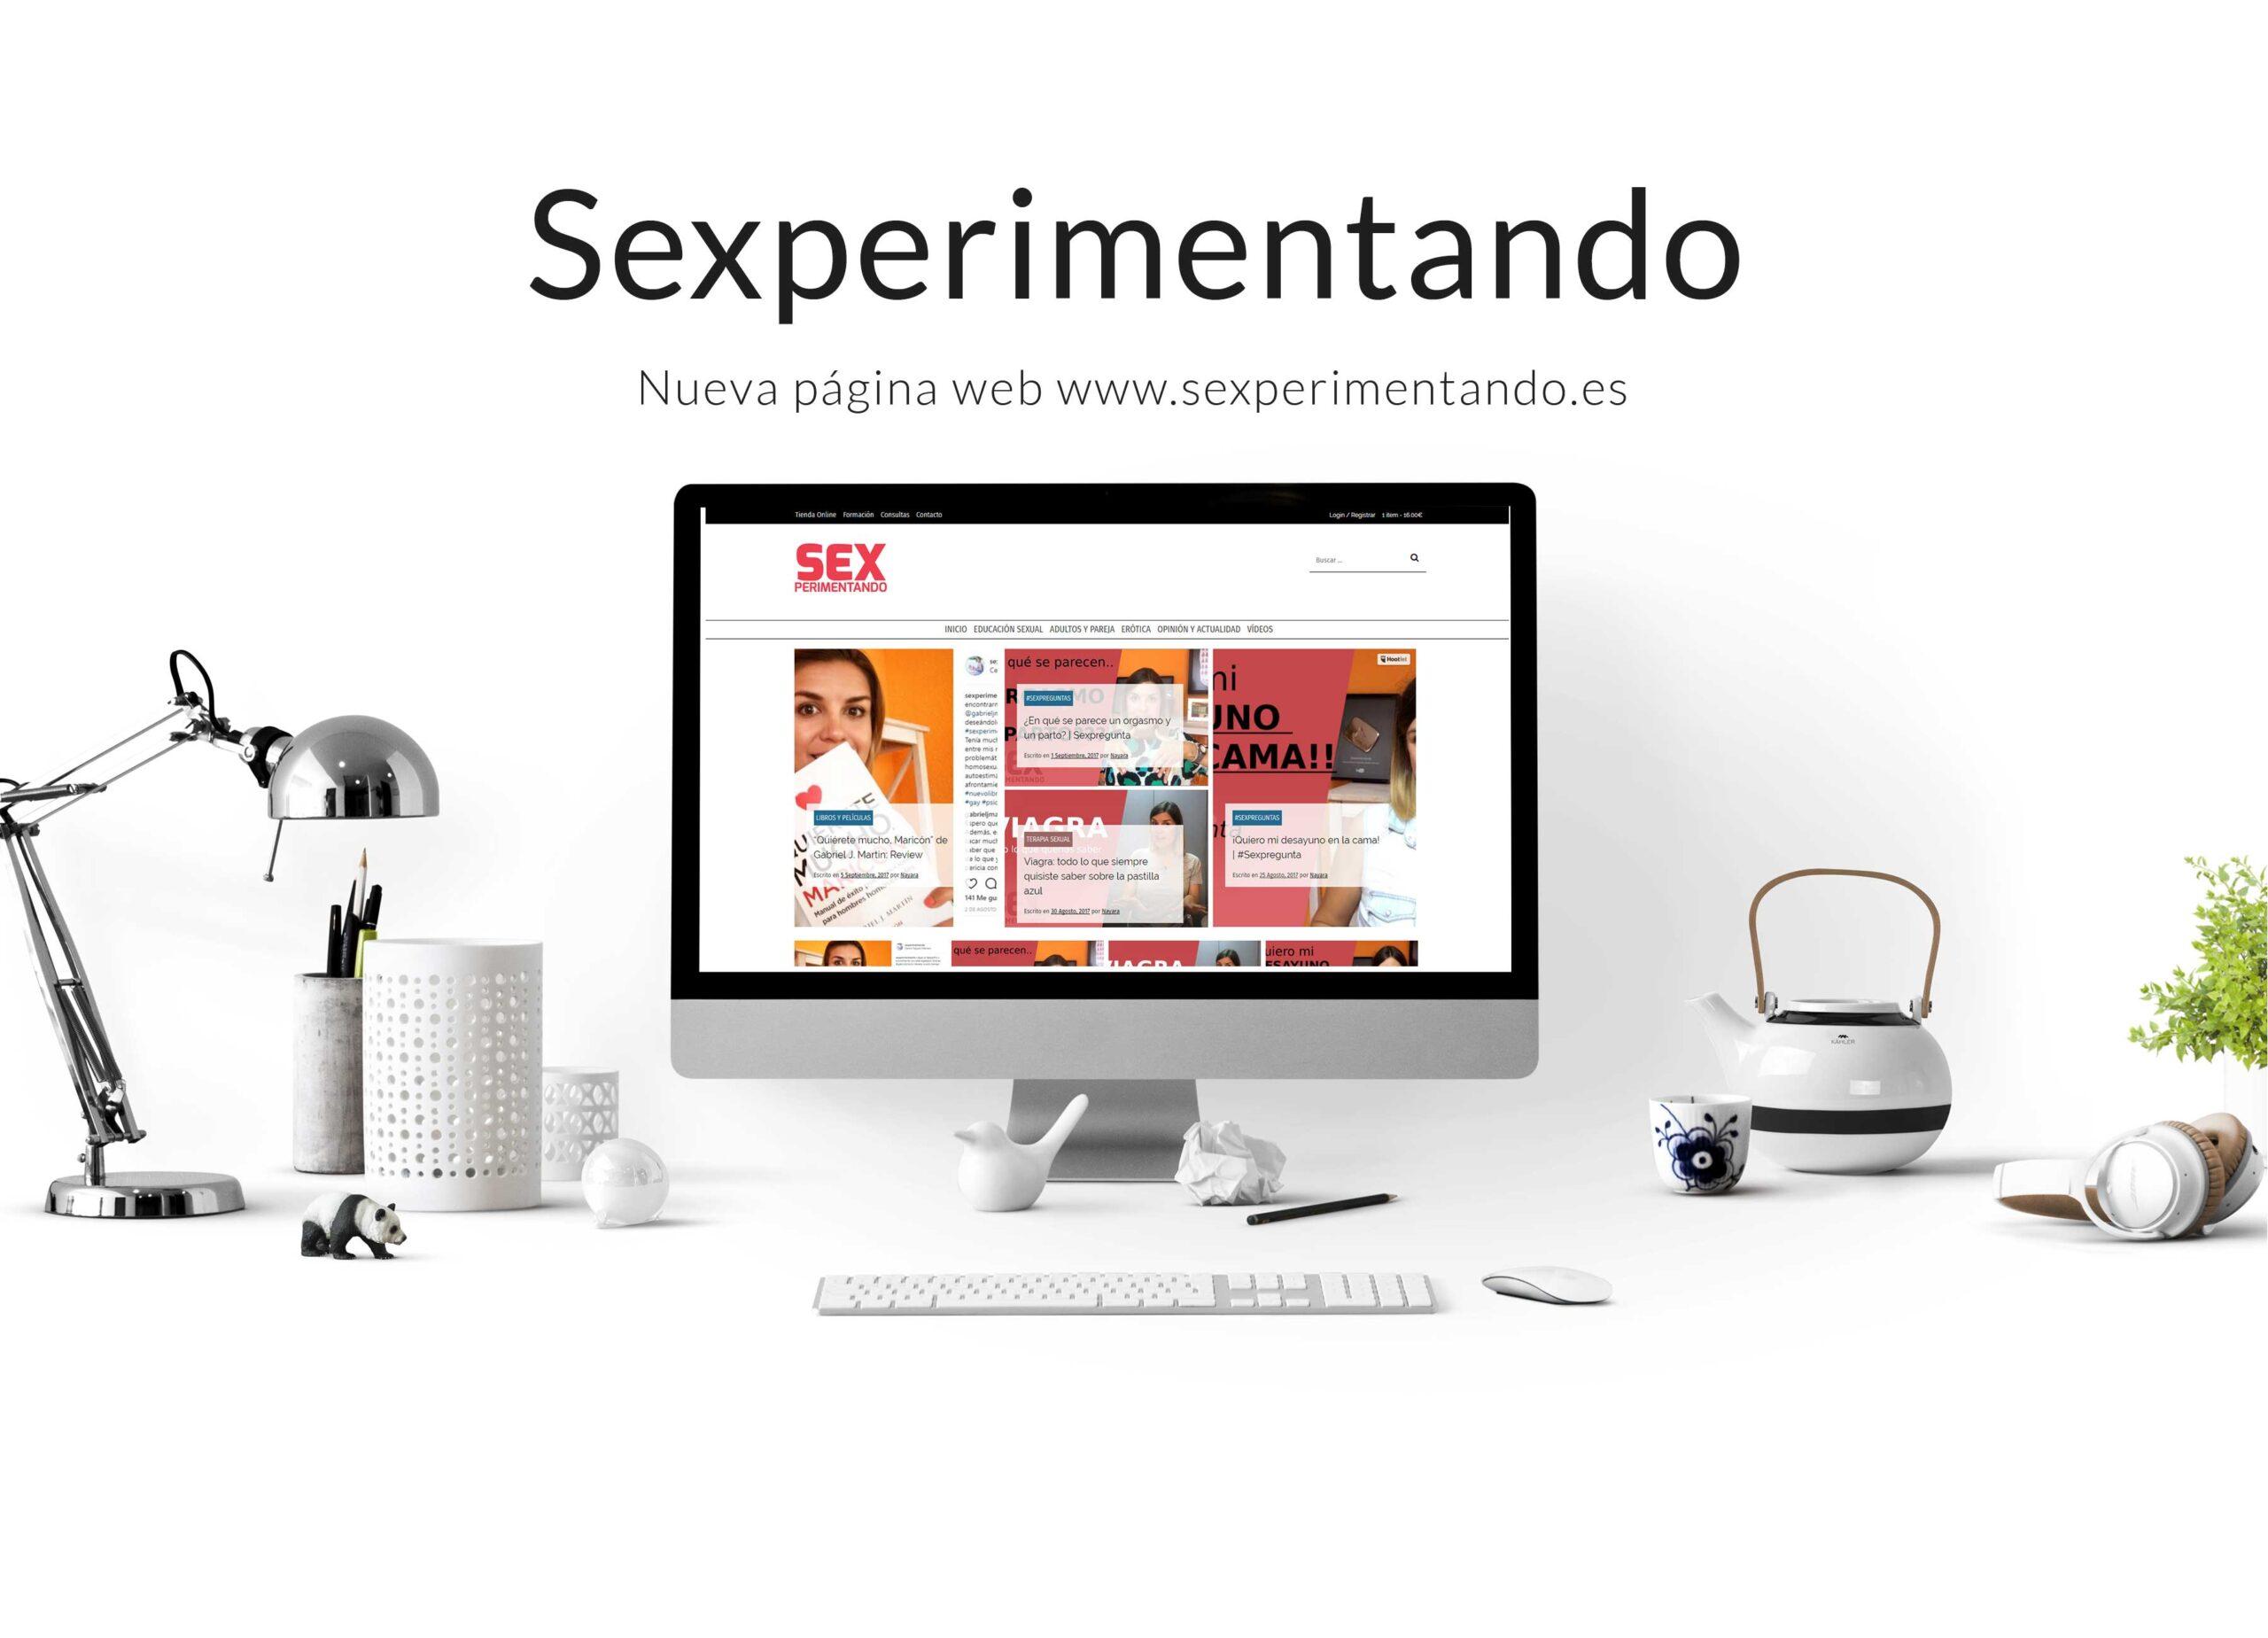 Diseño de Blog y Tienda Online Sexperimentando Gijón - Asturias